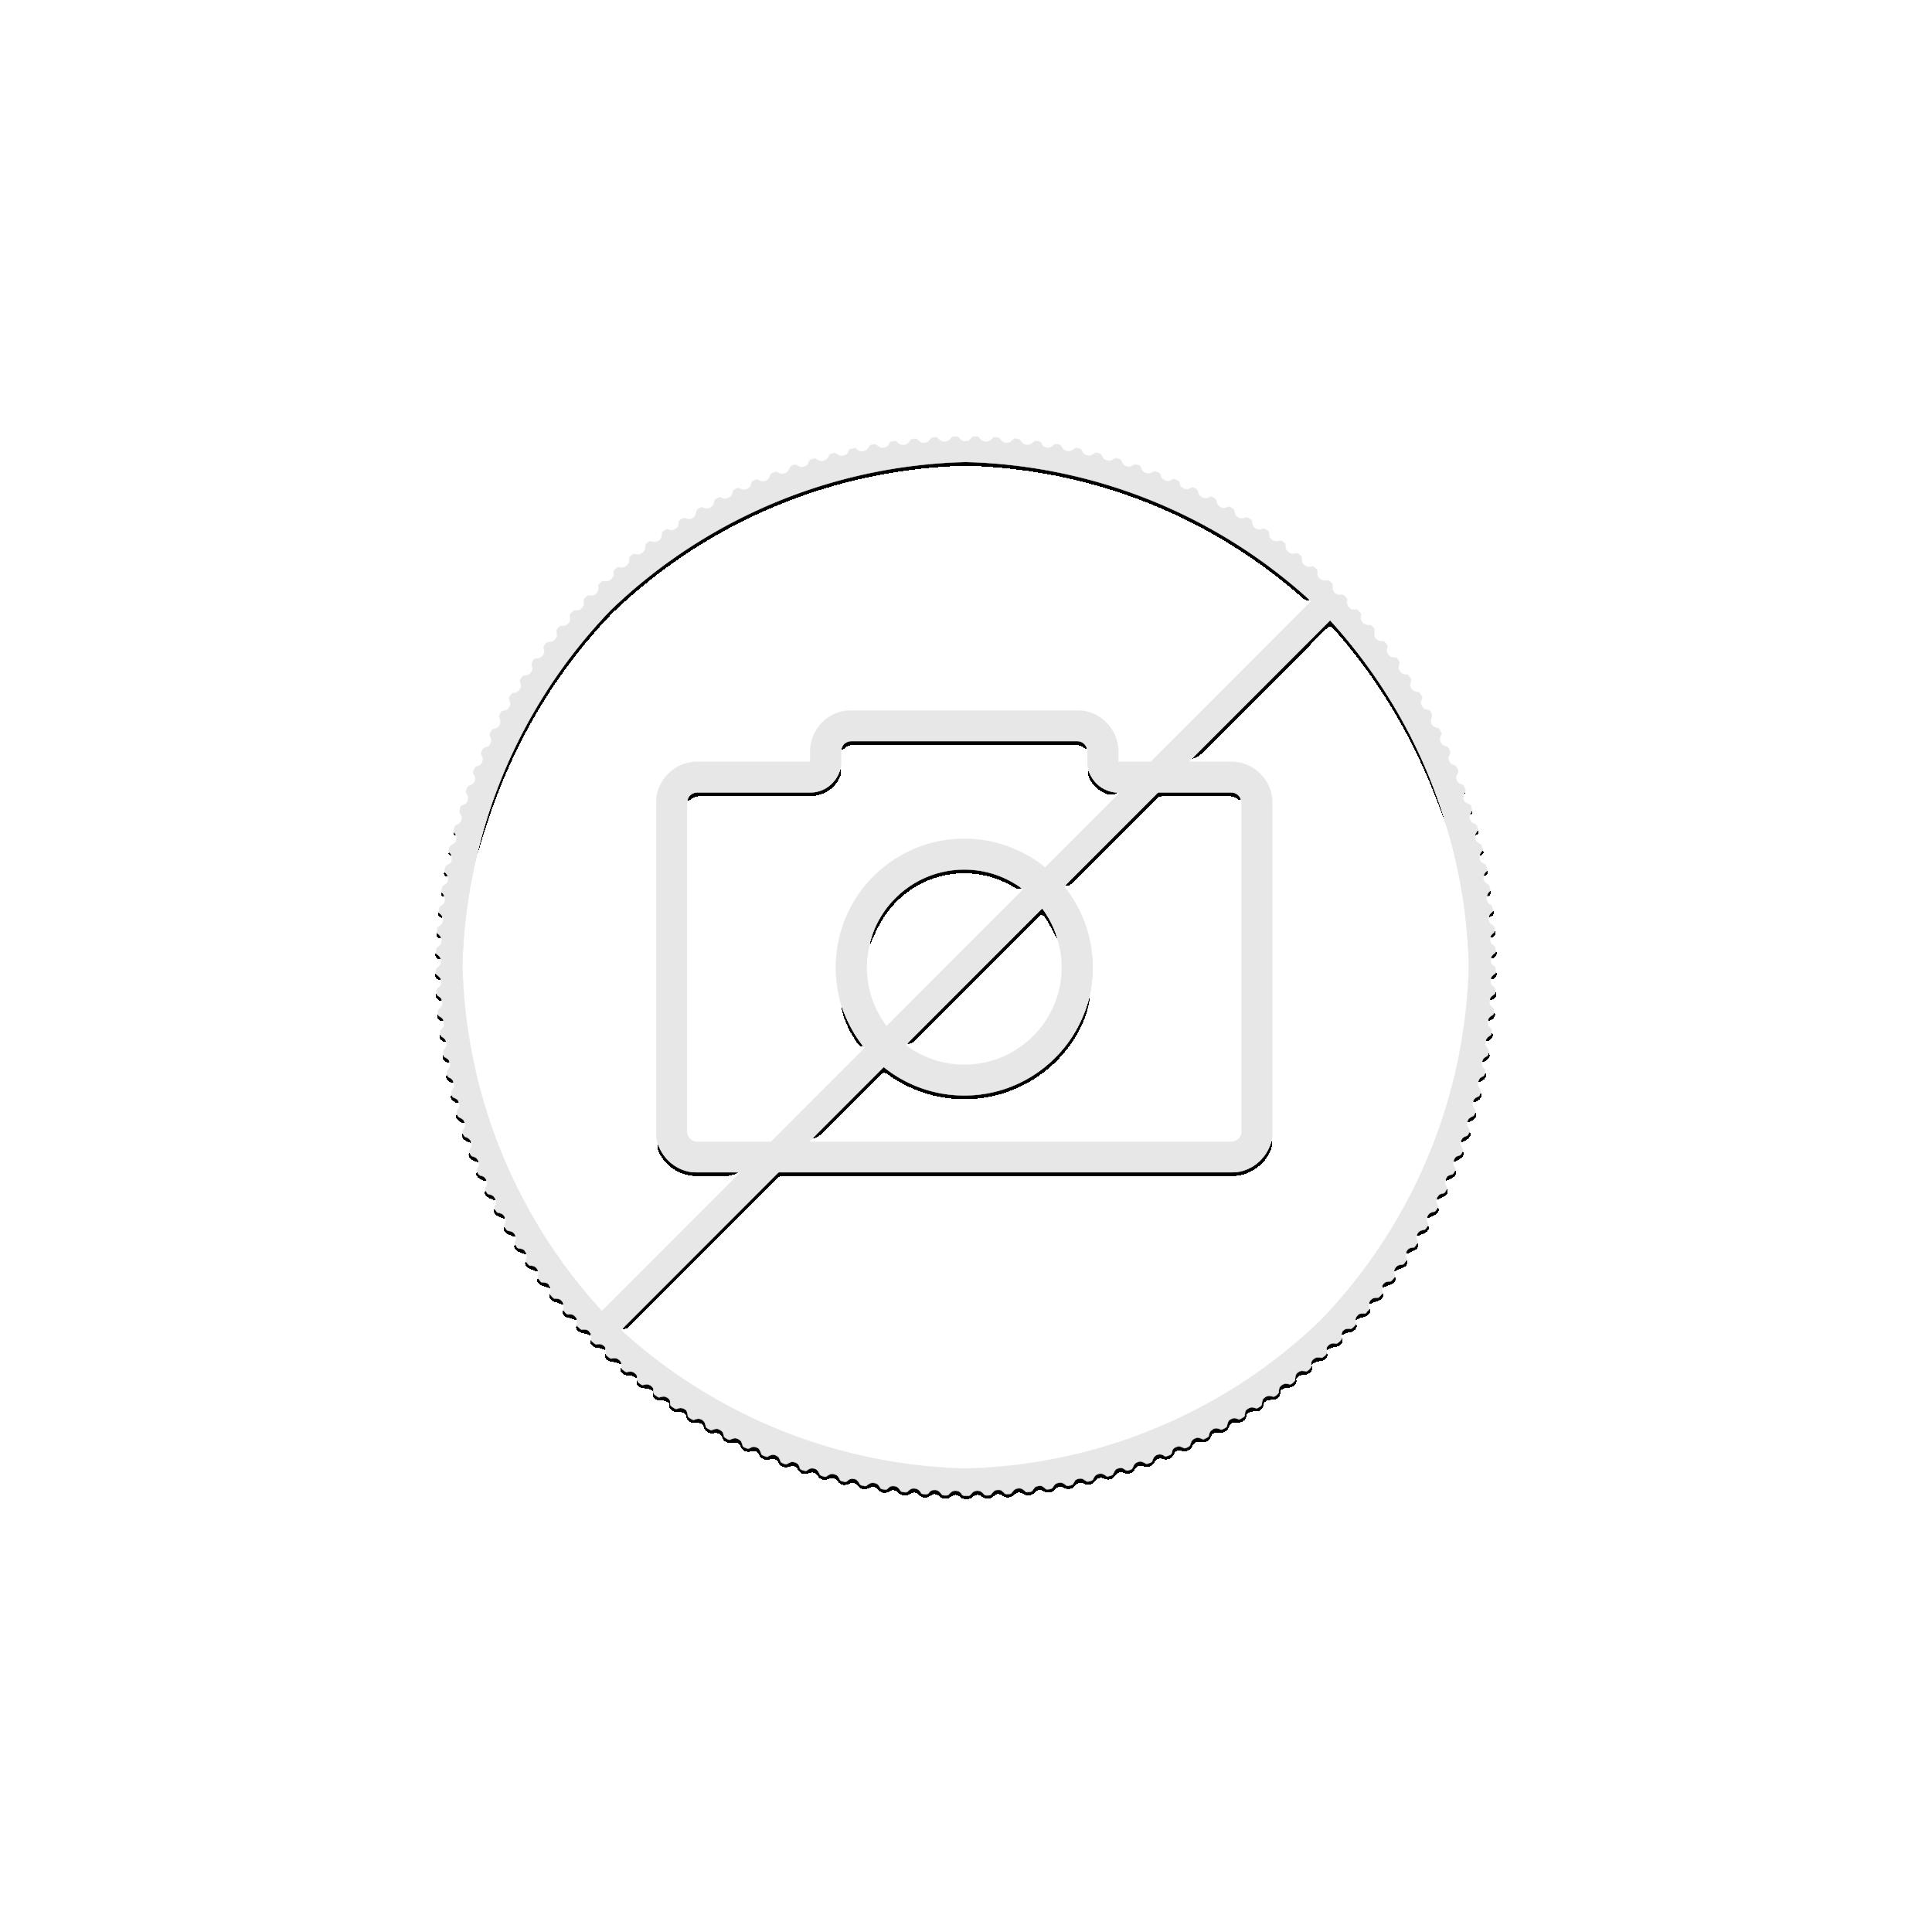 1/2 troy ounce zilver Koala munt 2012